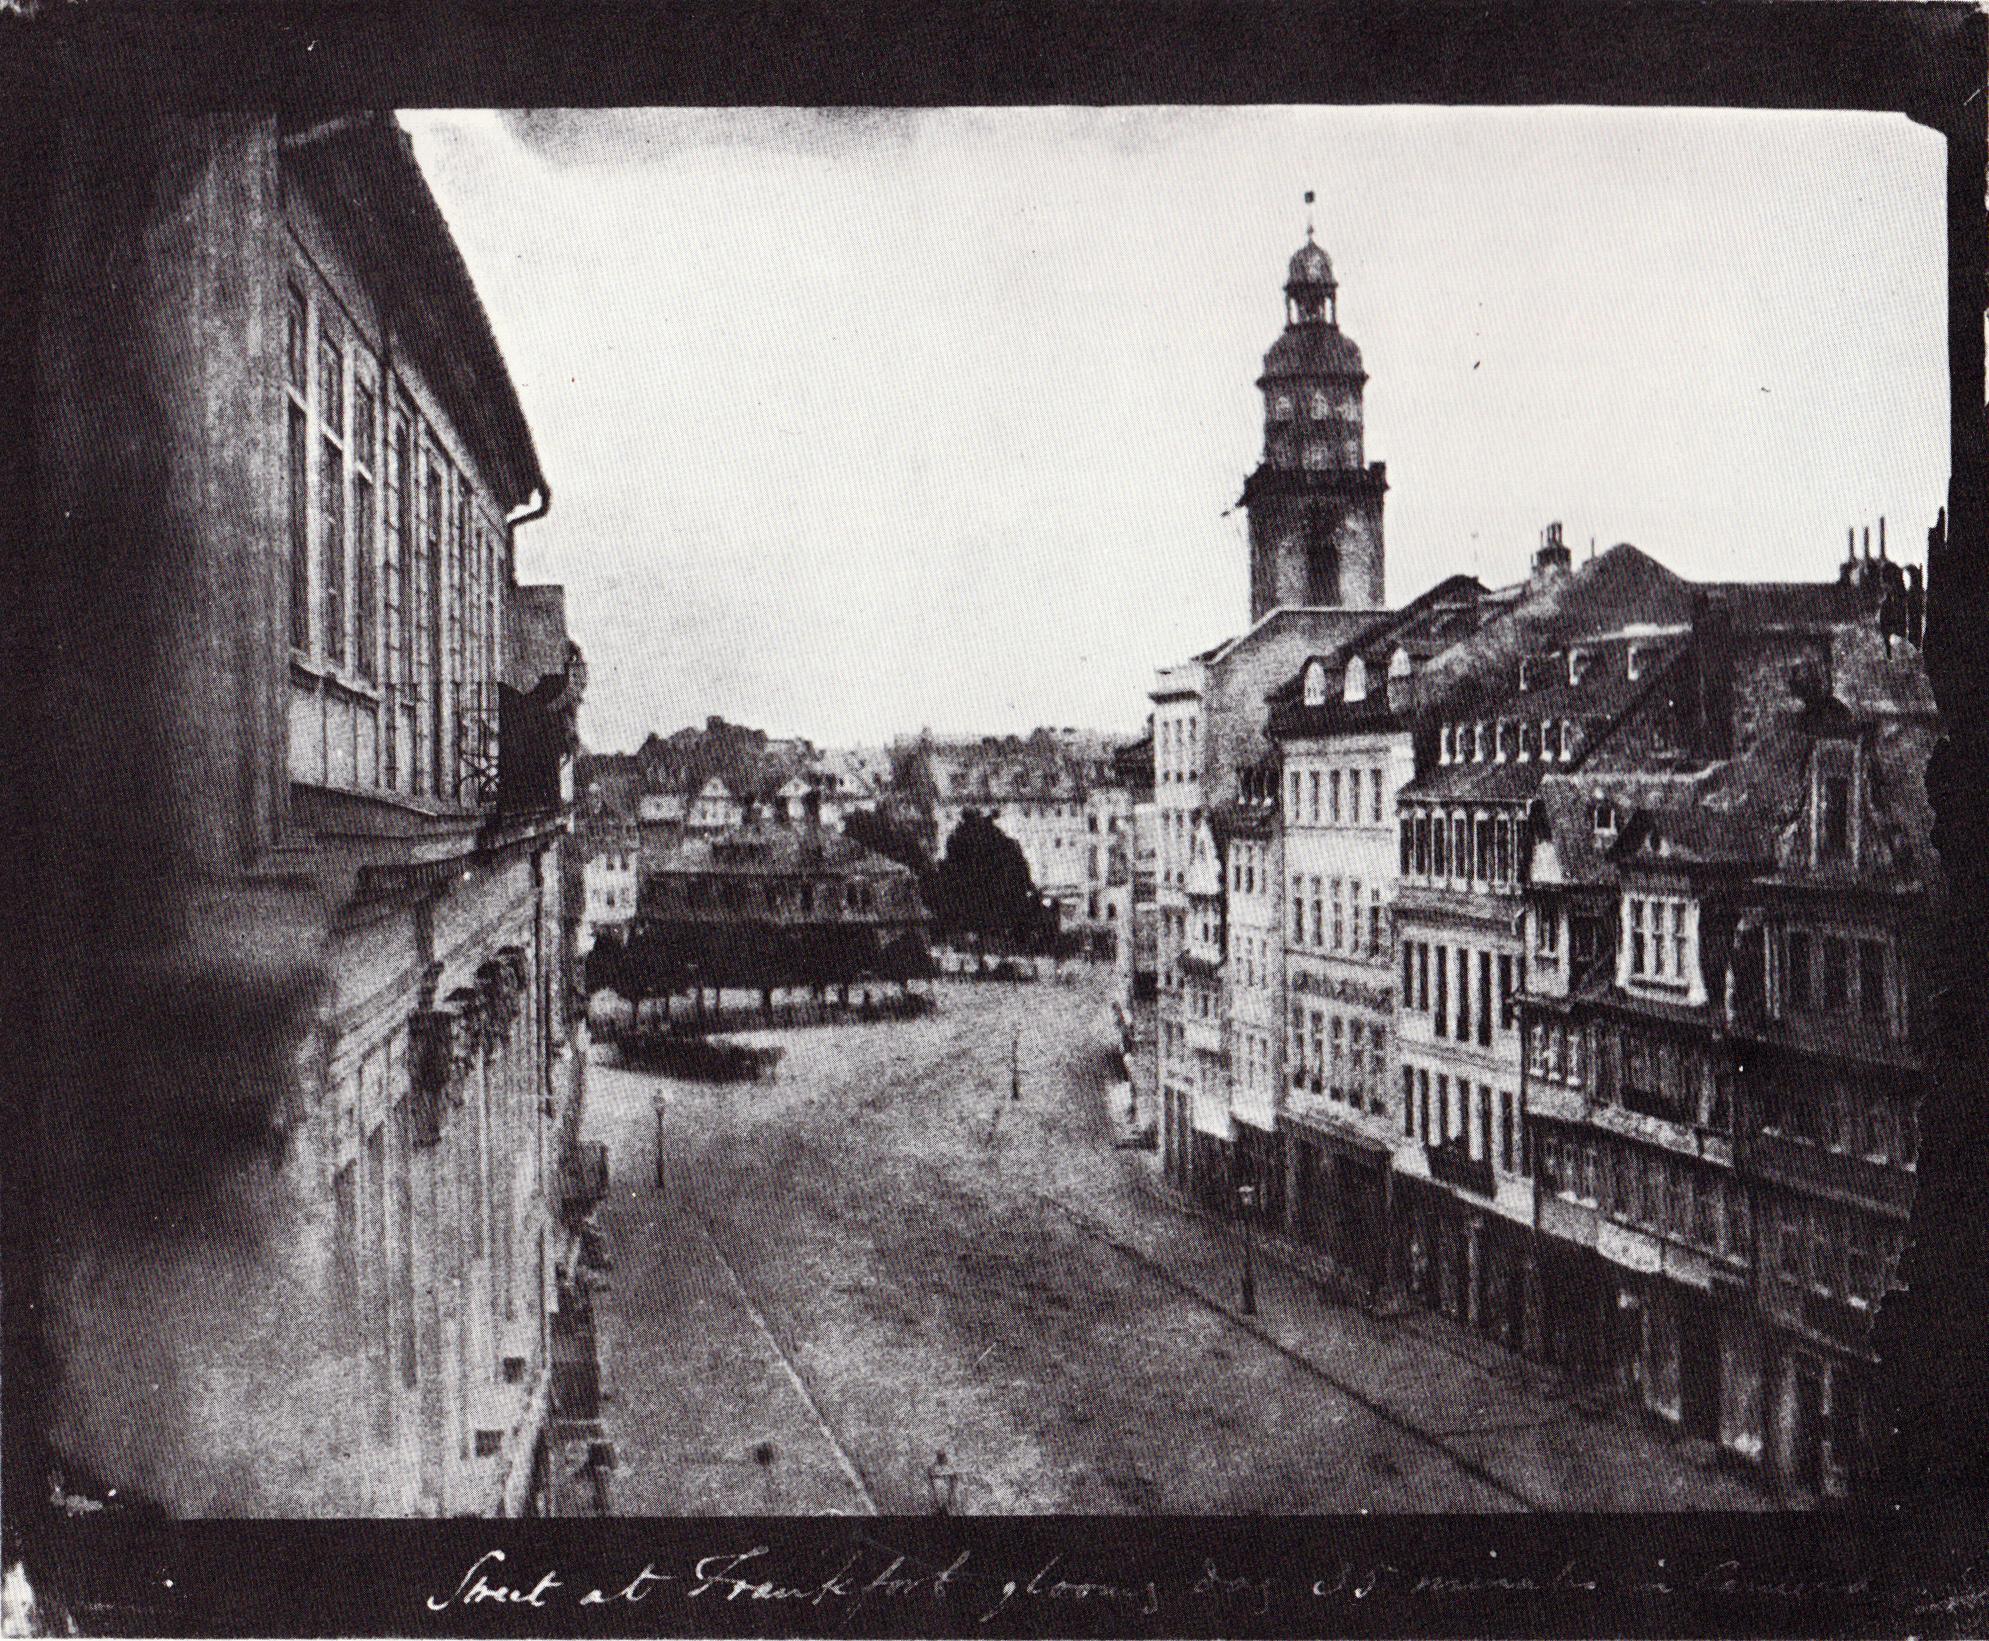 File:Talbot Blick von der Zeil auf die Hauptwache 1846.jpg